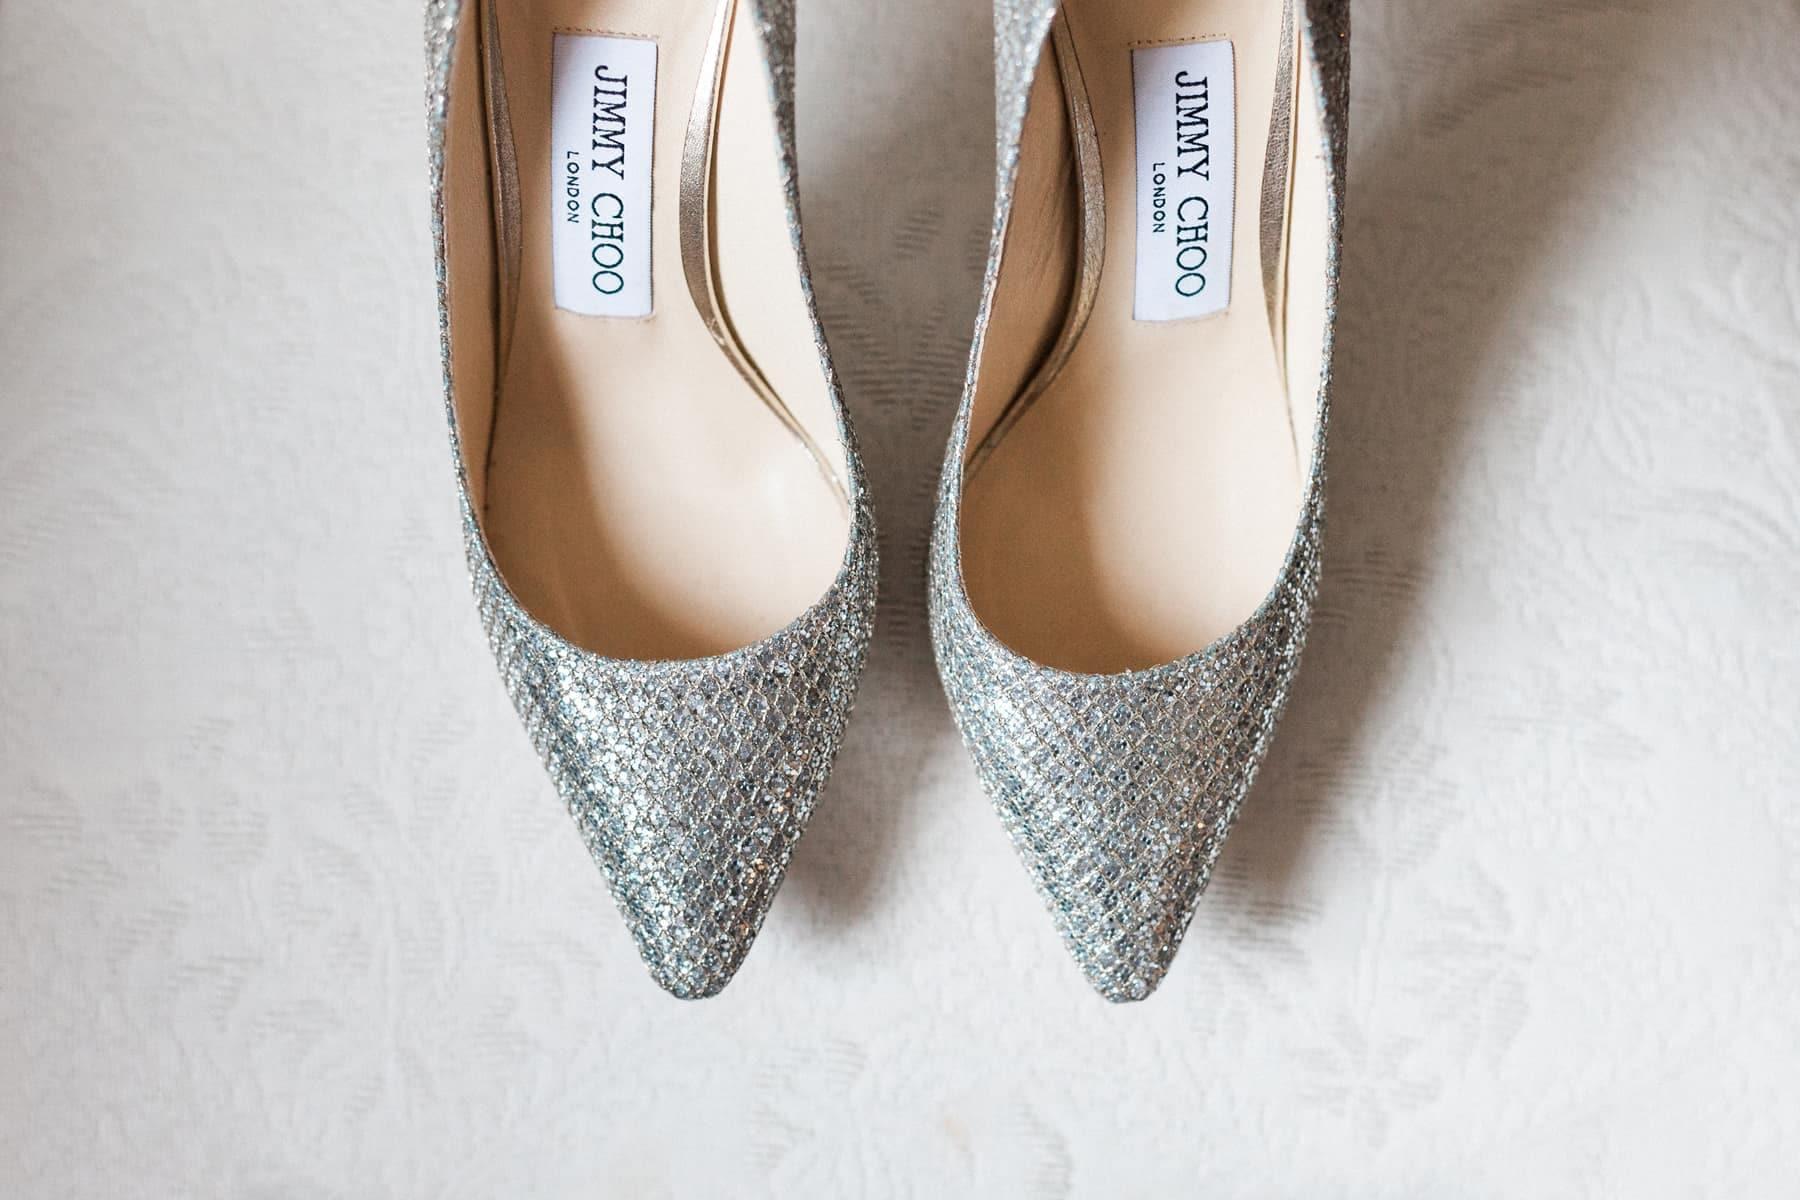 chaussures de mariées Jimmy Choo, chaussures à paillettes argentées